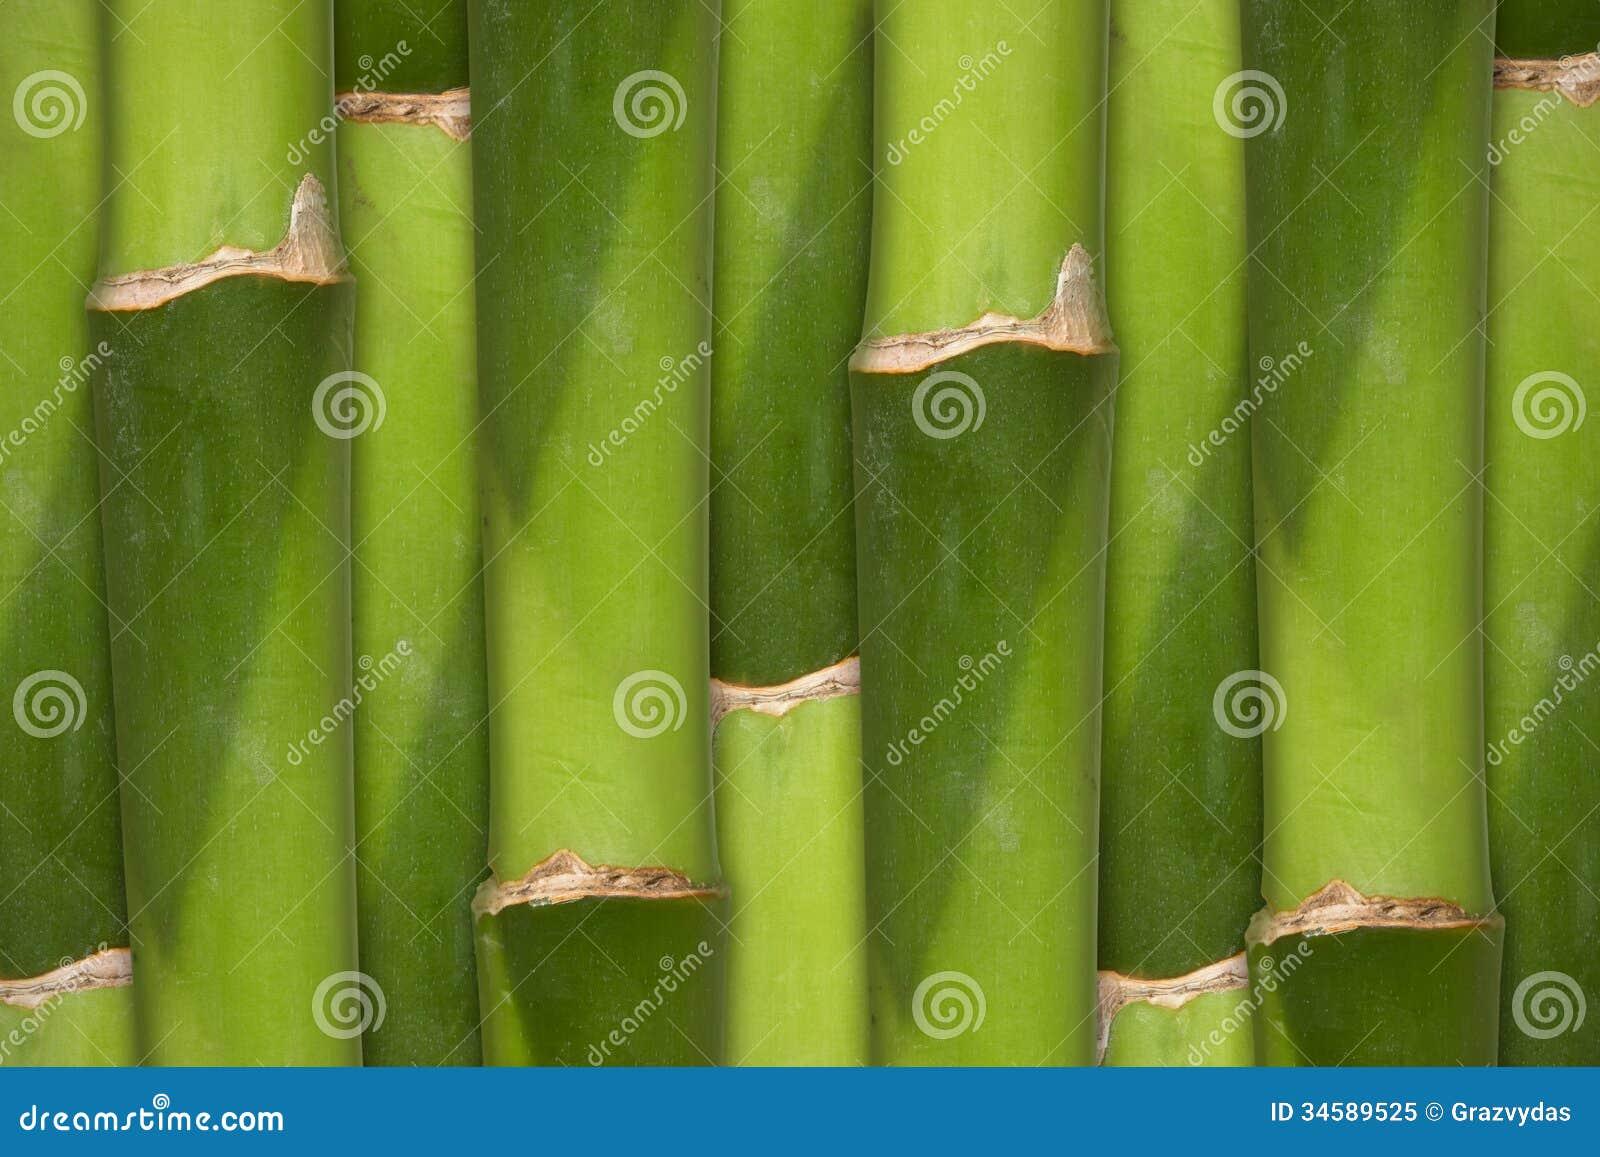 Bamboo background royalty free stock photo image